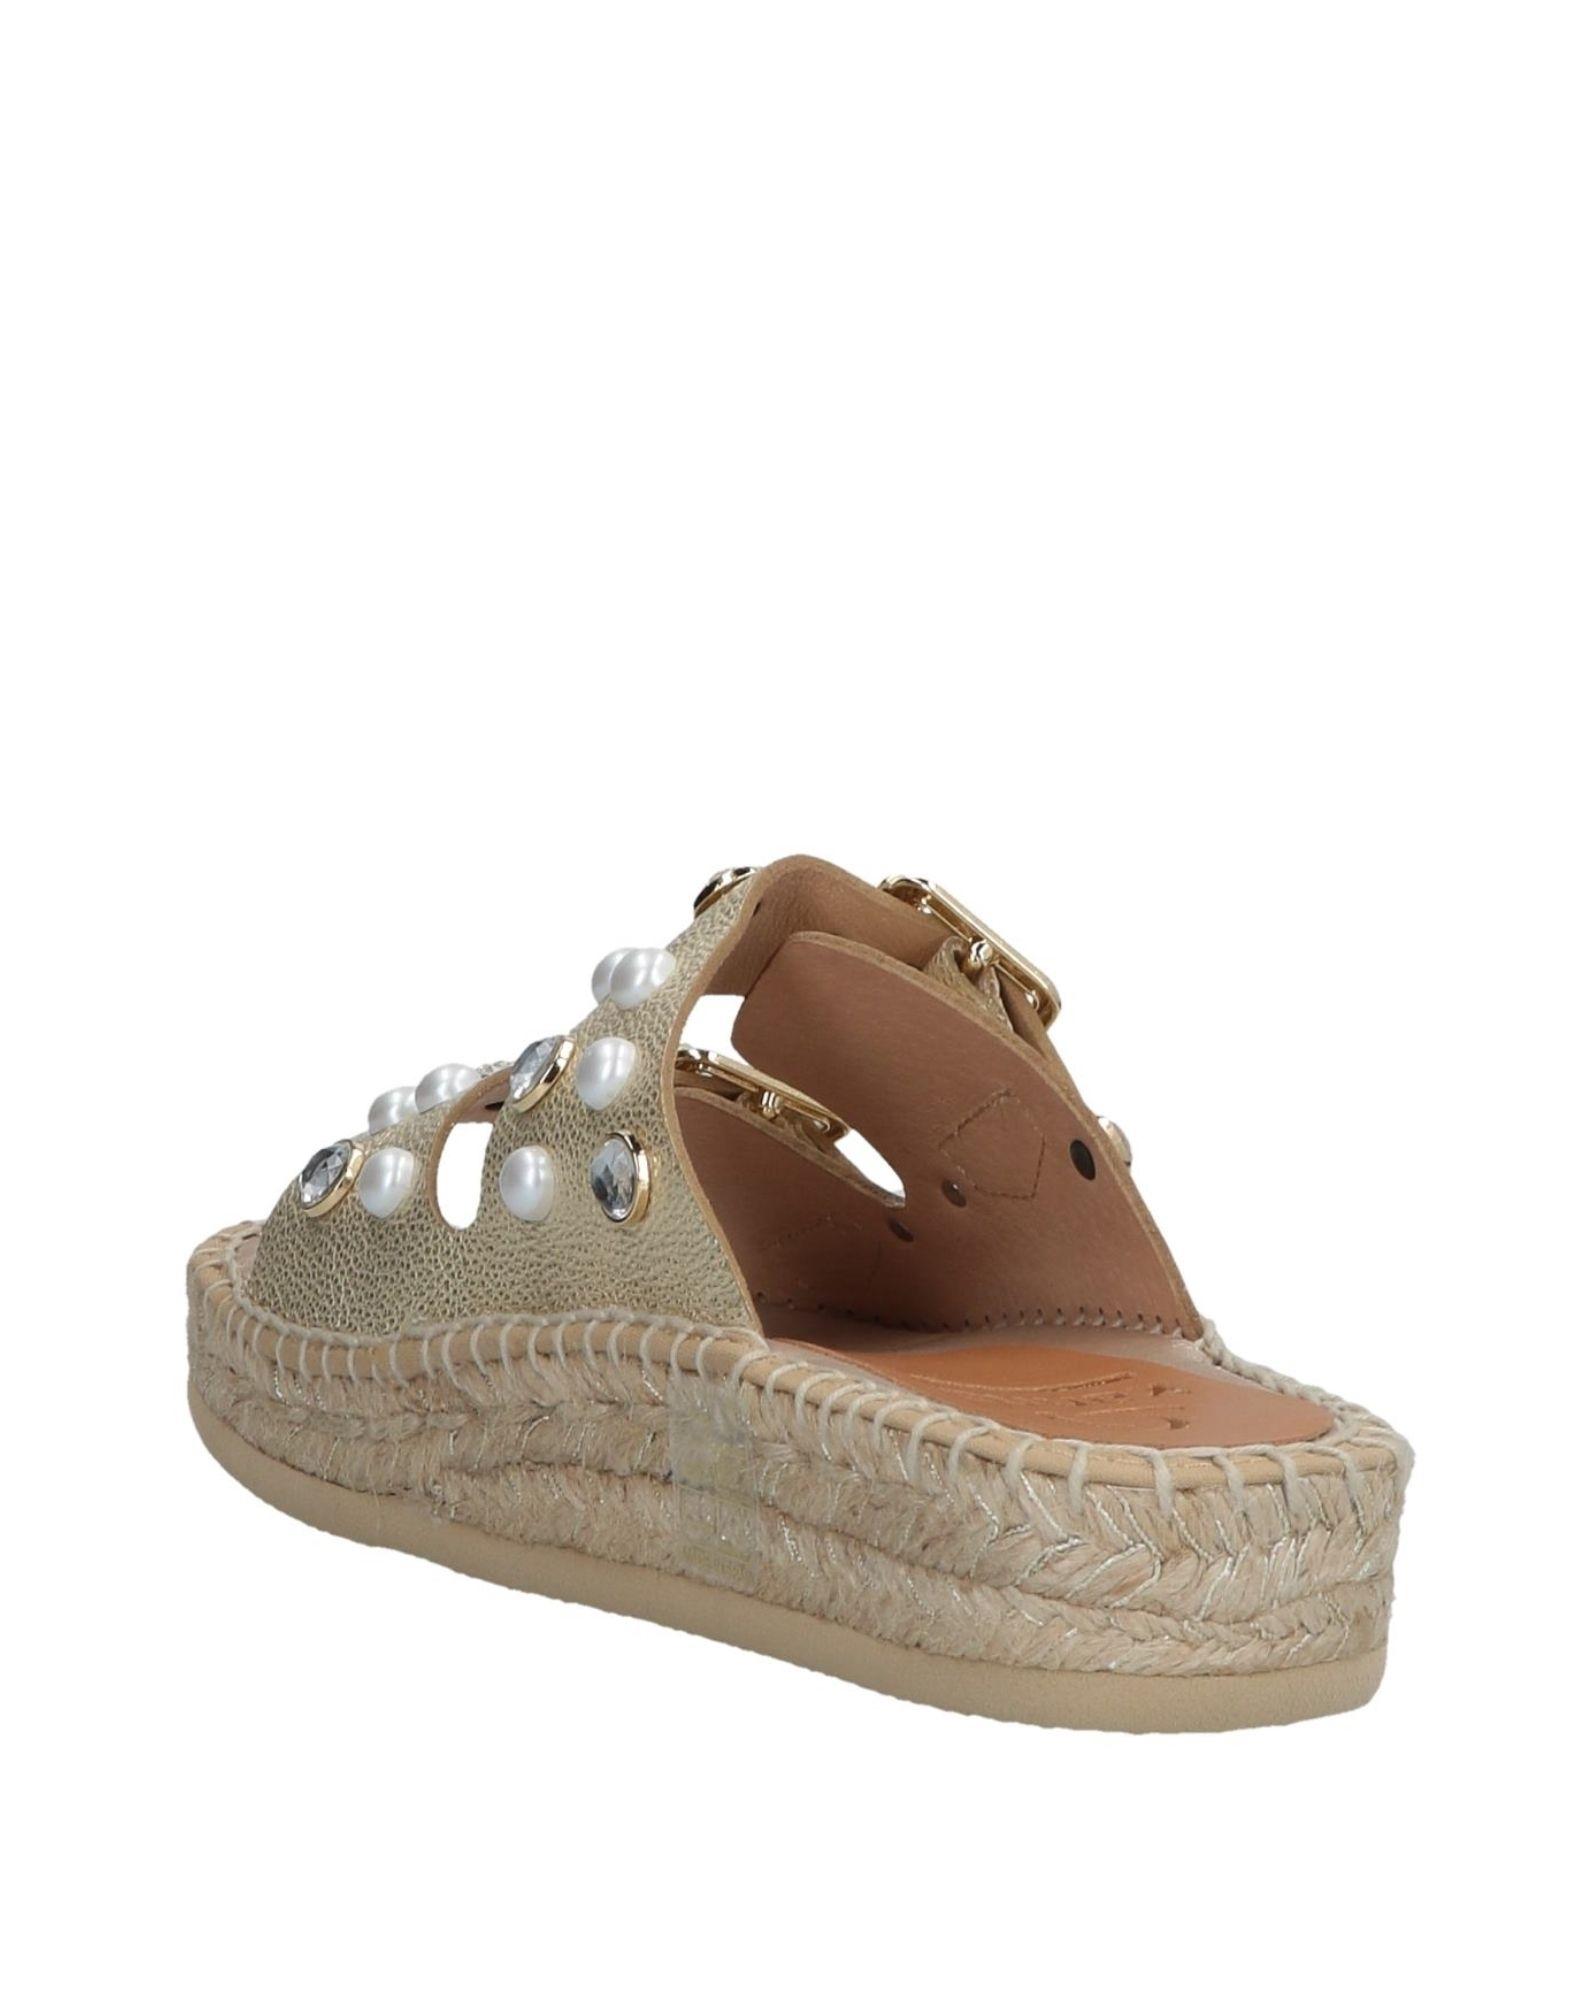 kanna sandales - femmes kanna sandales en ligne sur sur sur l'australie - 11570713hg 3482de